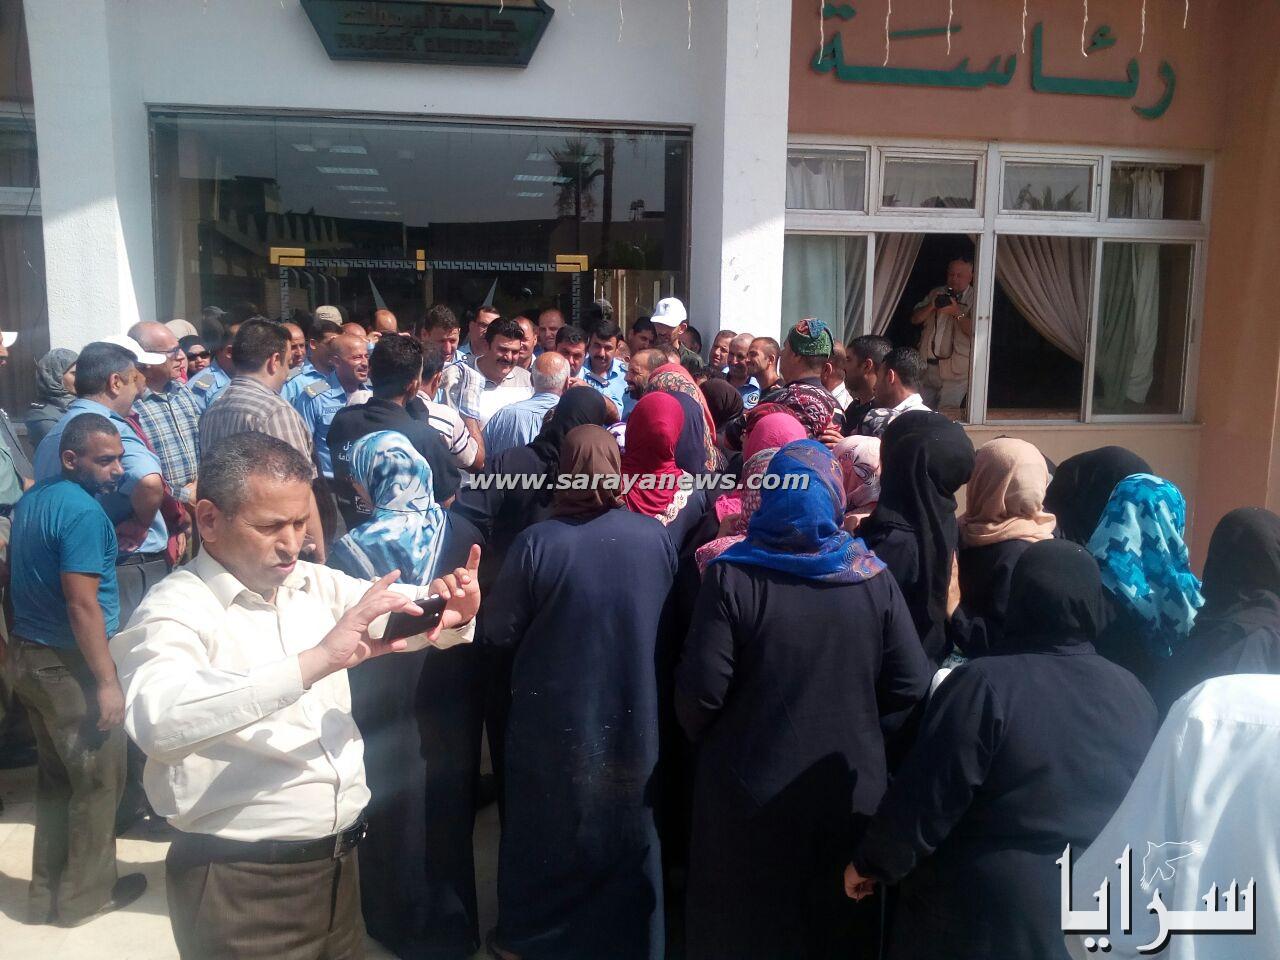 بالصور  ..  موظفو  المياومة بجامعة اليرموك يقتحمون مكتب الرئيس للمطالبة بإحتساب سنوات خدمتهم